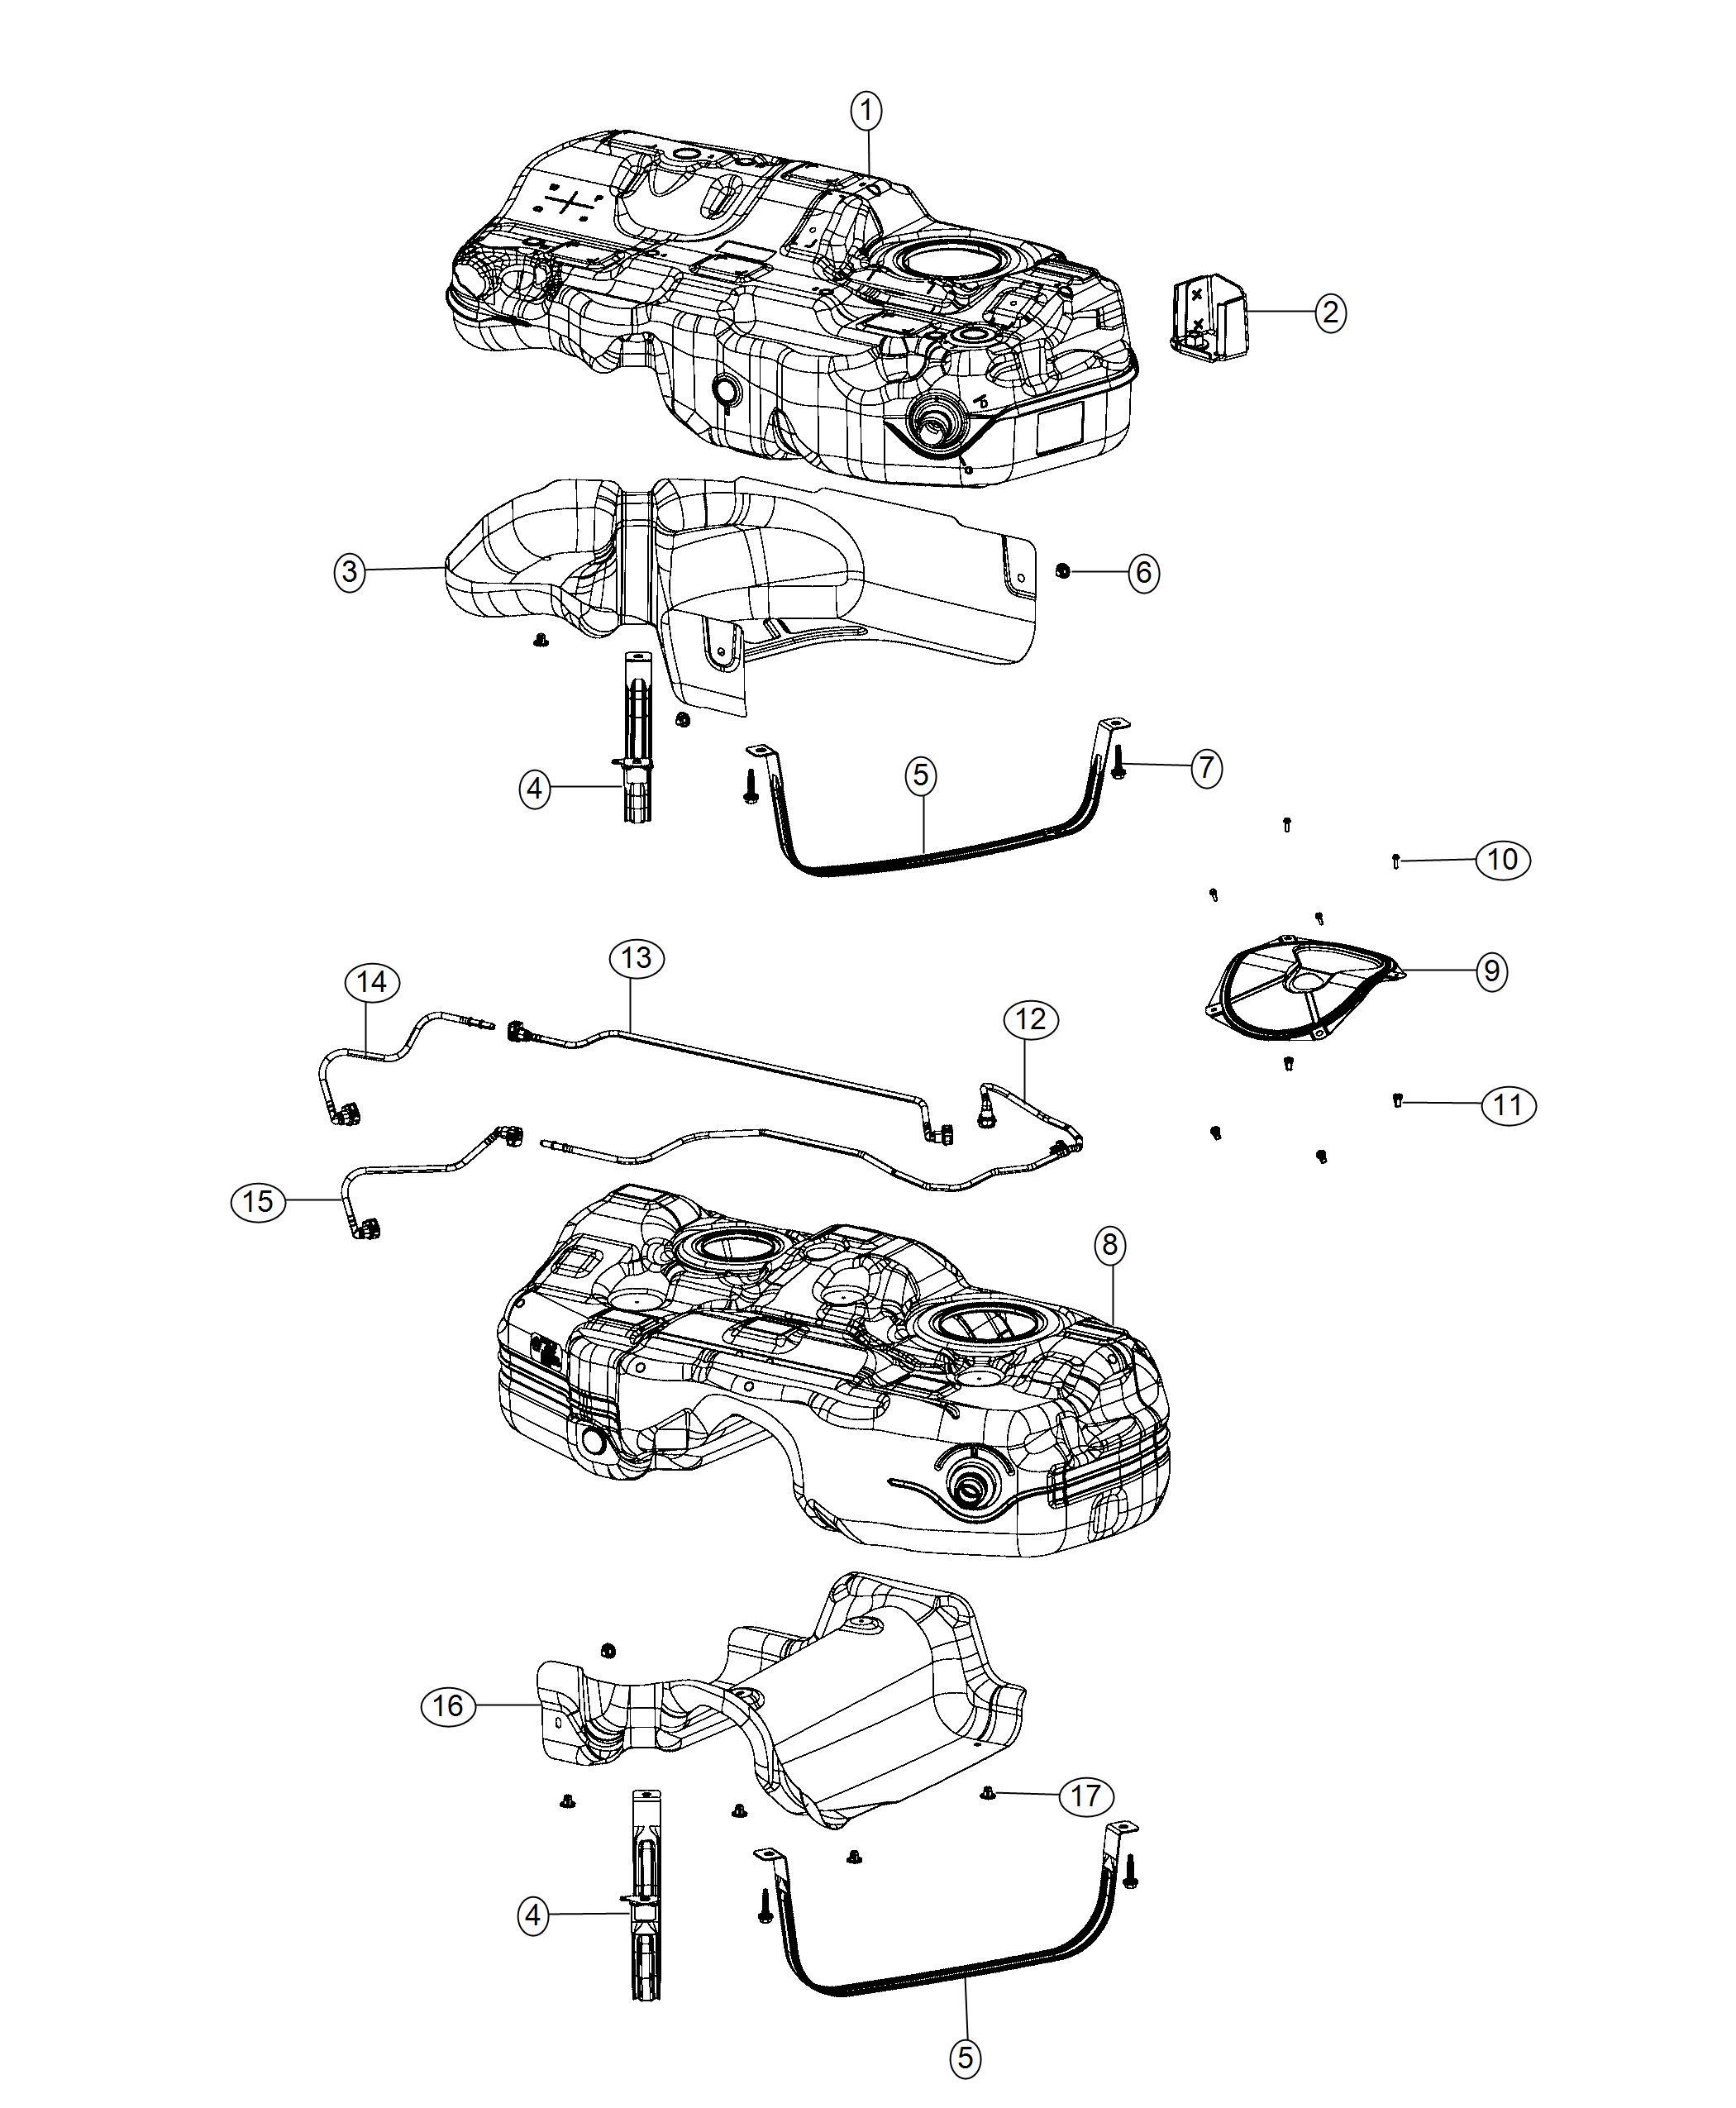 Jeep Cherokee Fuel Tank Diagram